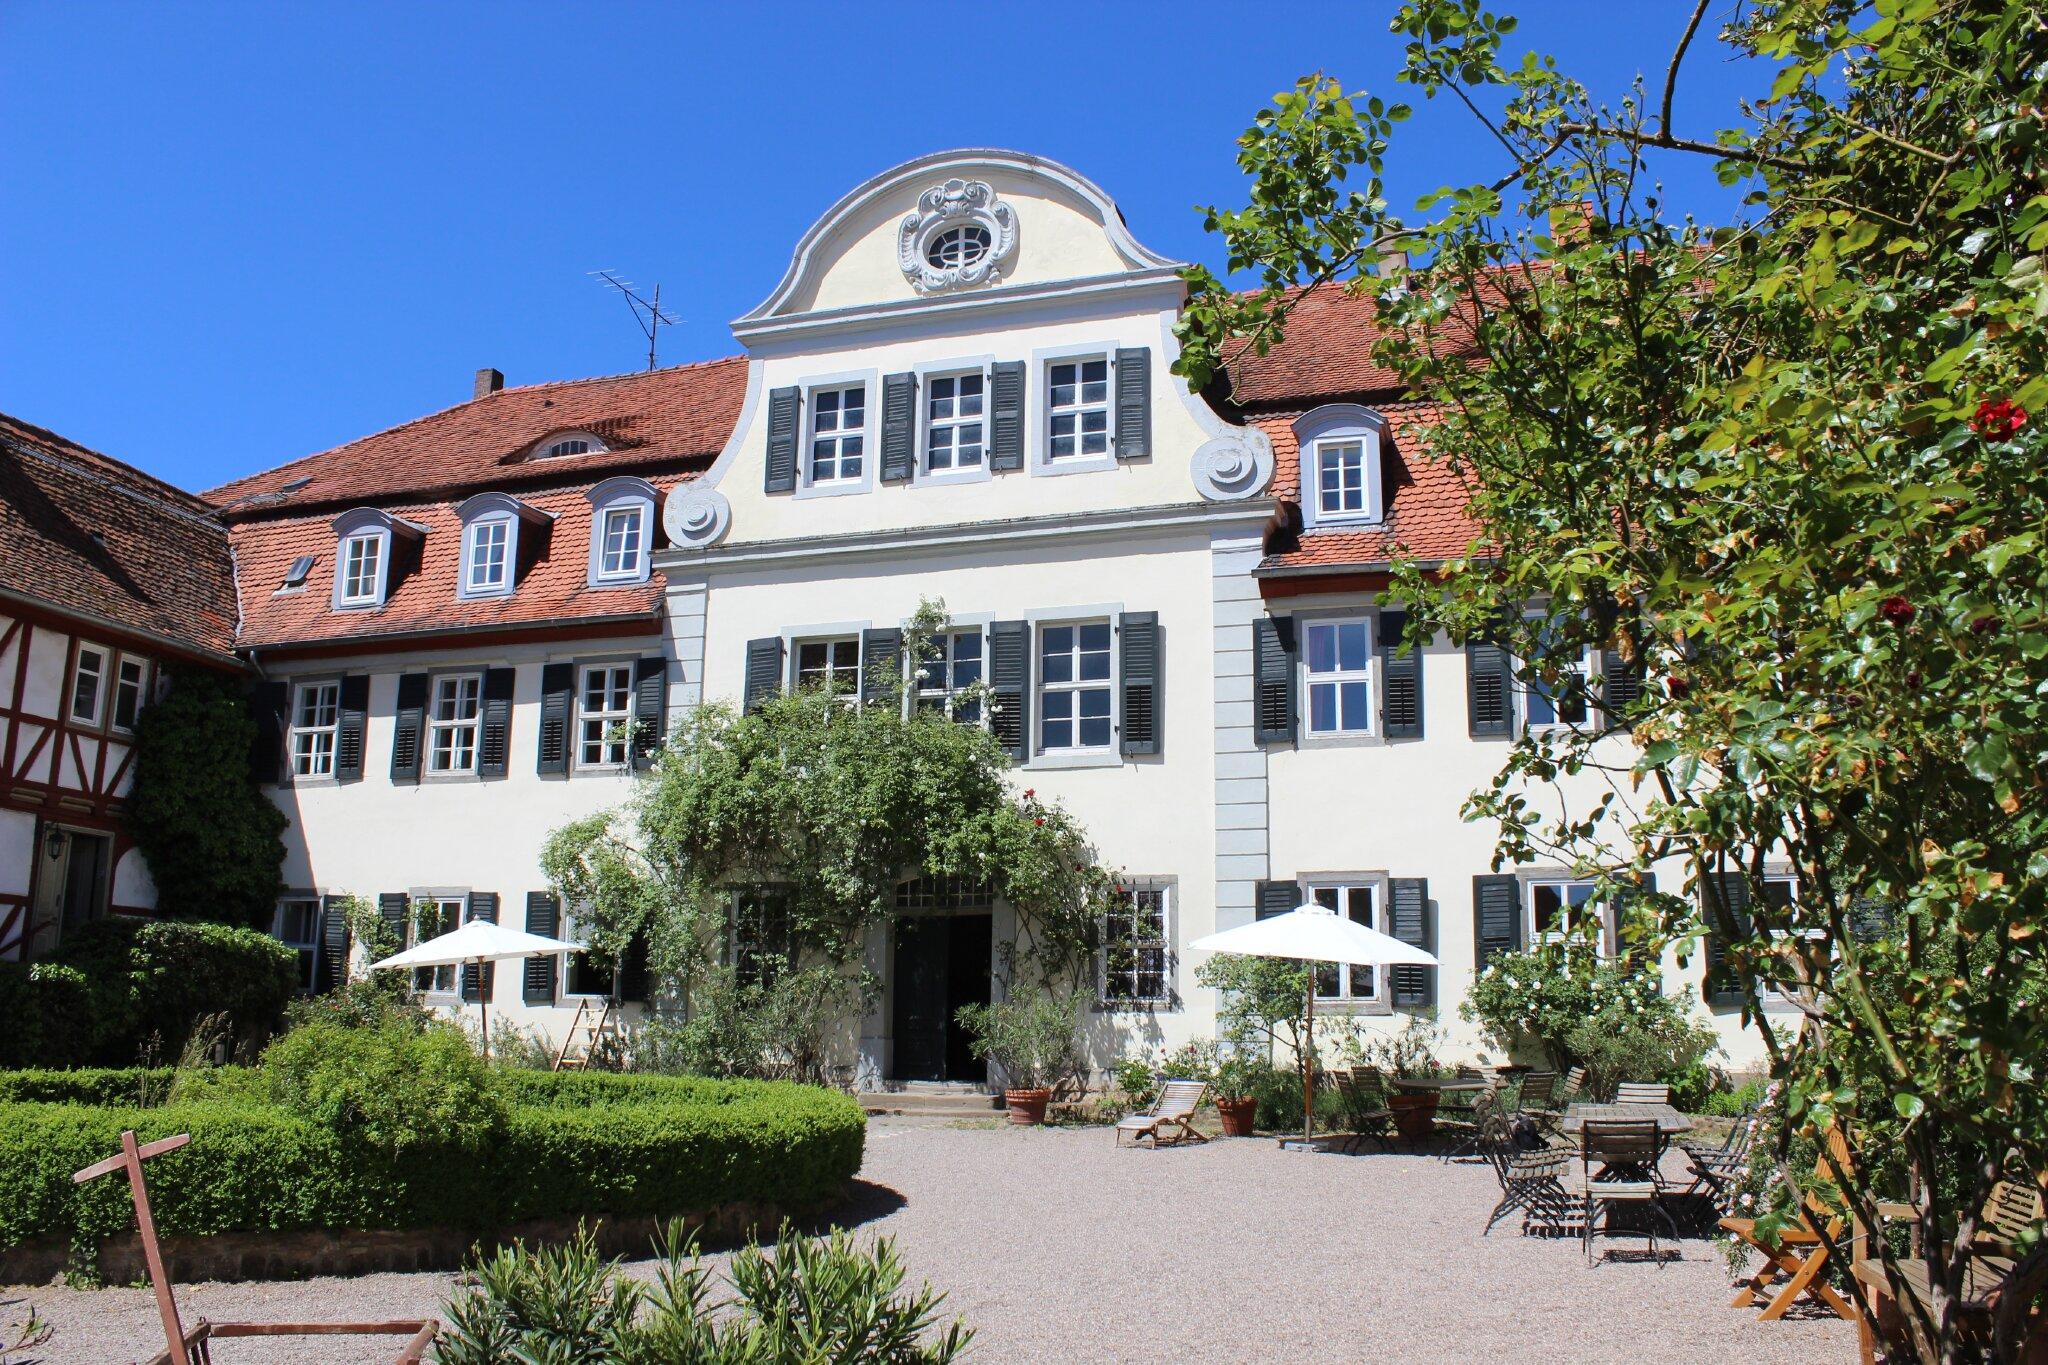 Schloss Jestädt a.d. Werra